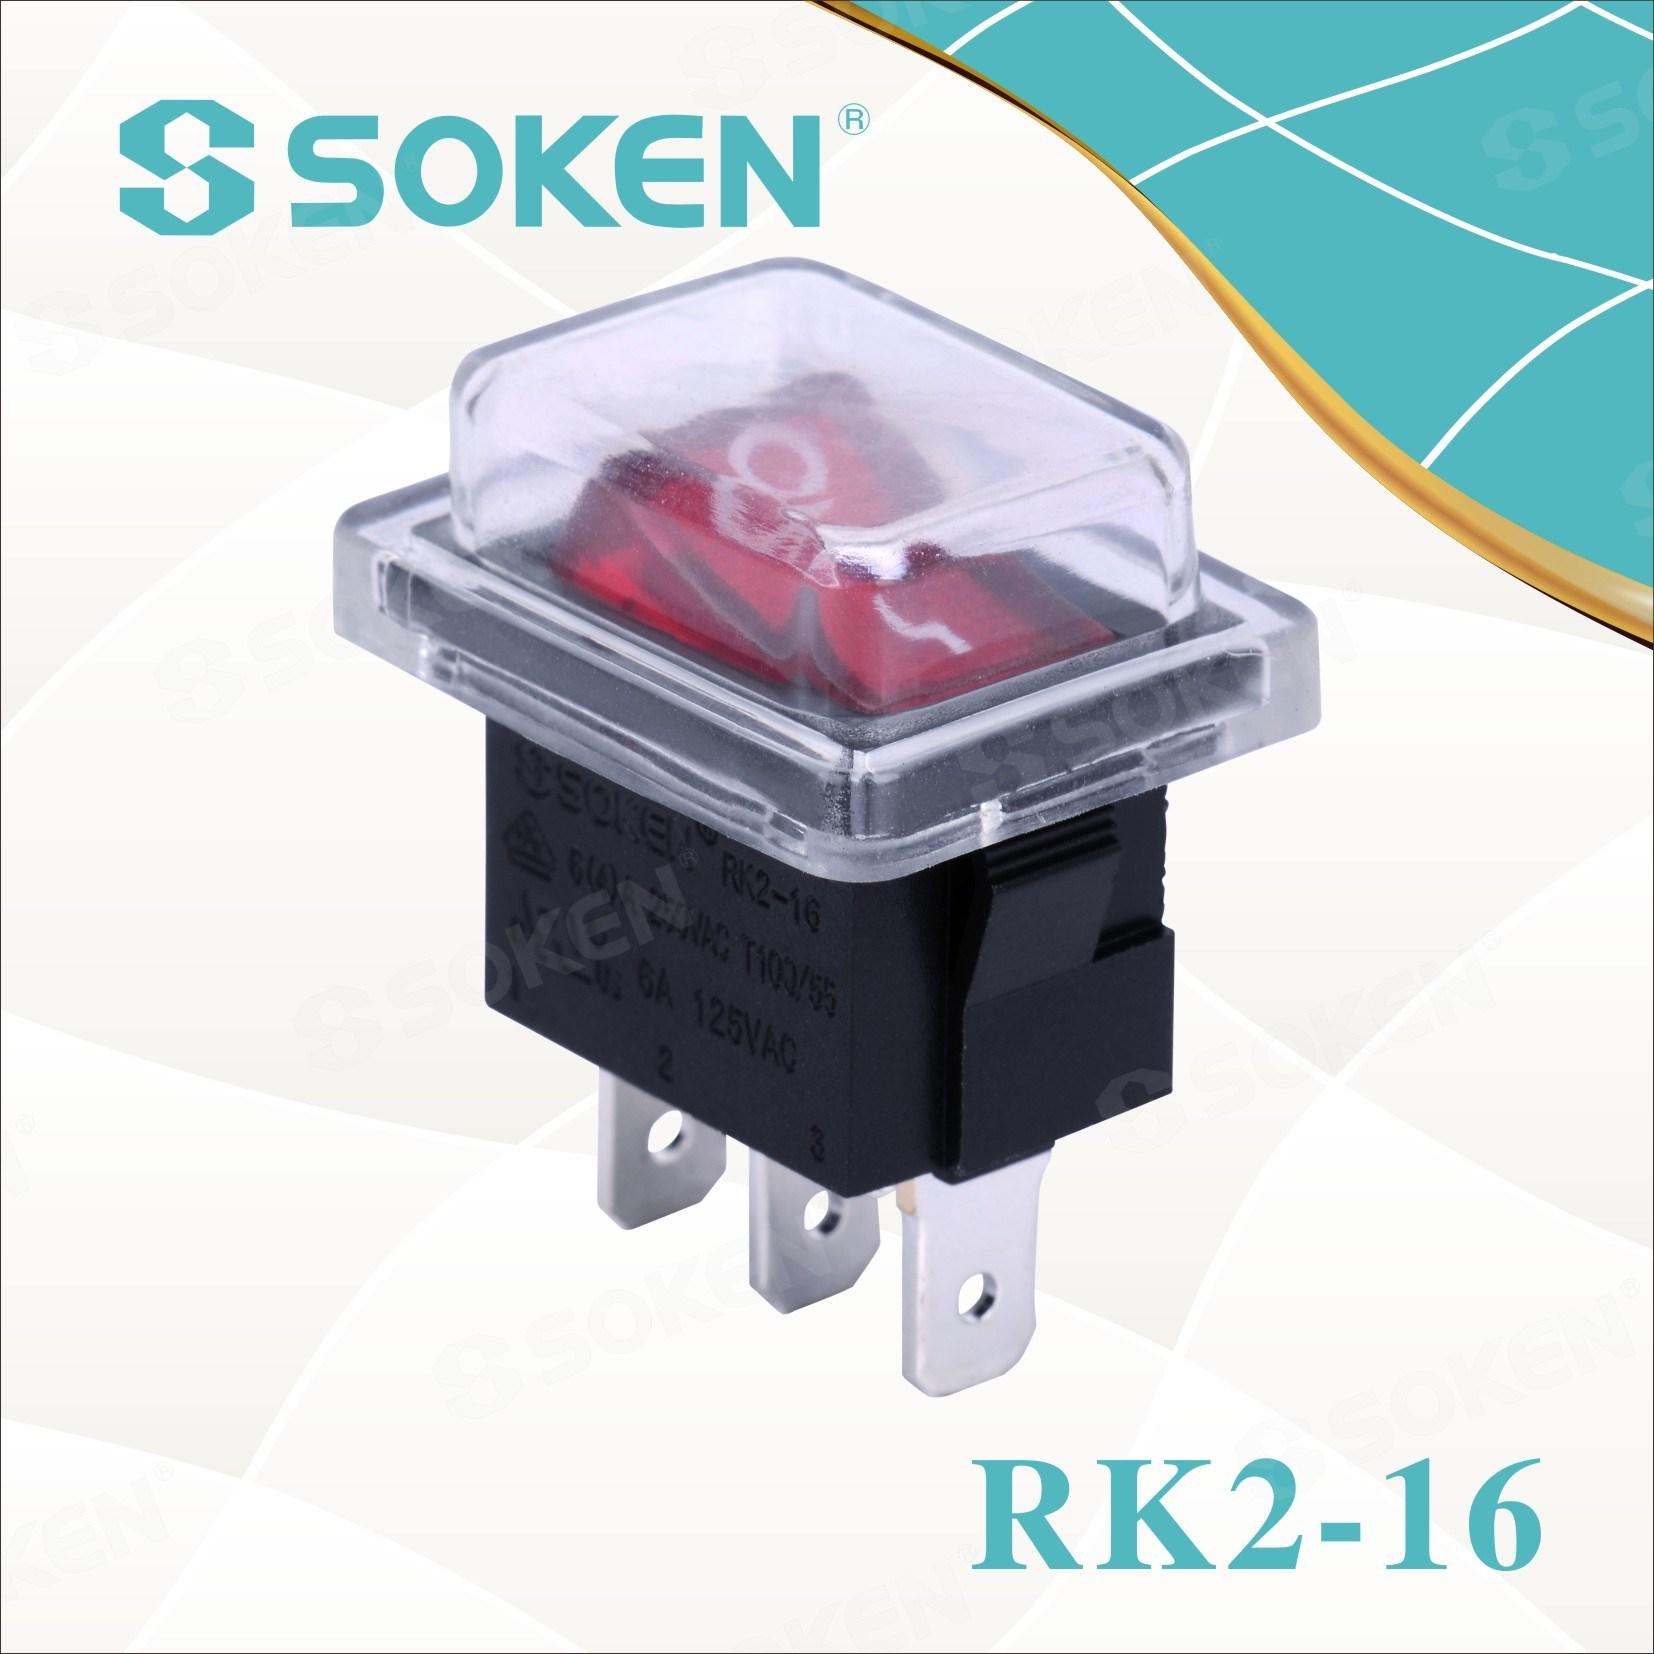 Sokne Rk2-16 1X1n enpèrmeabl sou la Bouton Rocker